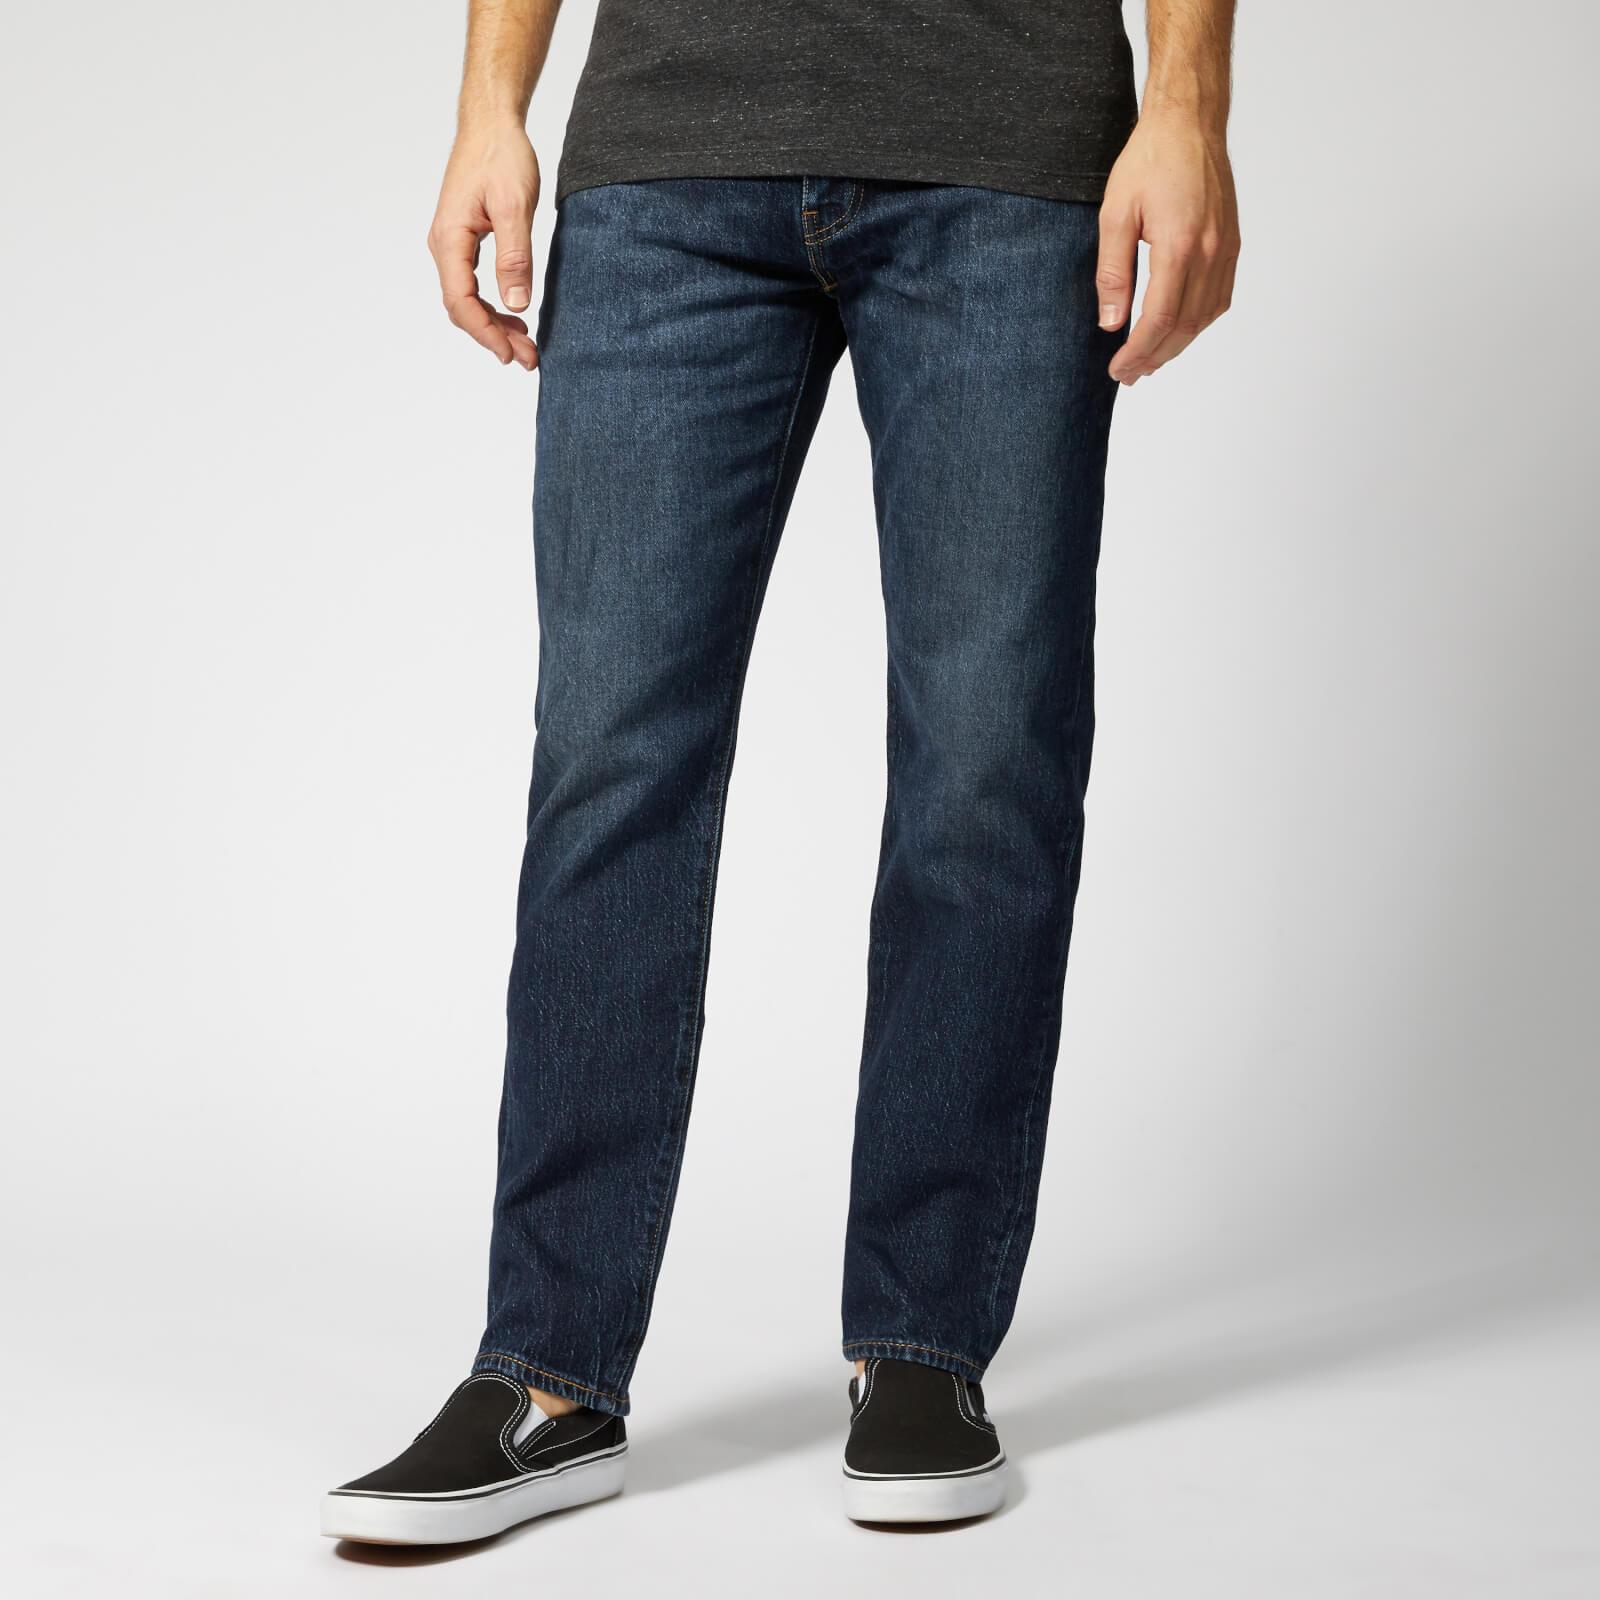 551478dad15 Levi's Men's 502 Regular Taper Fit Jeans - Pauper Mens Clothing | TheHut.com